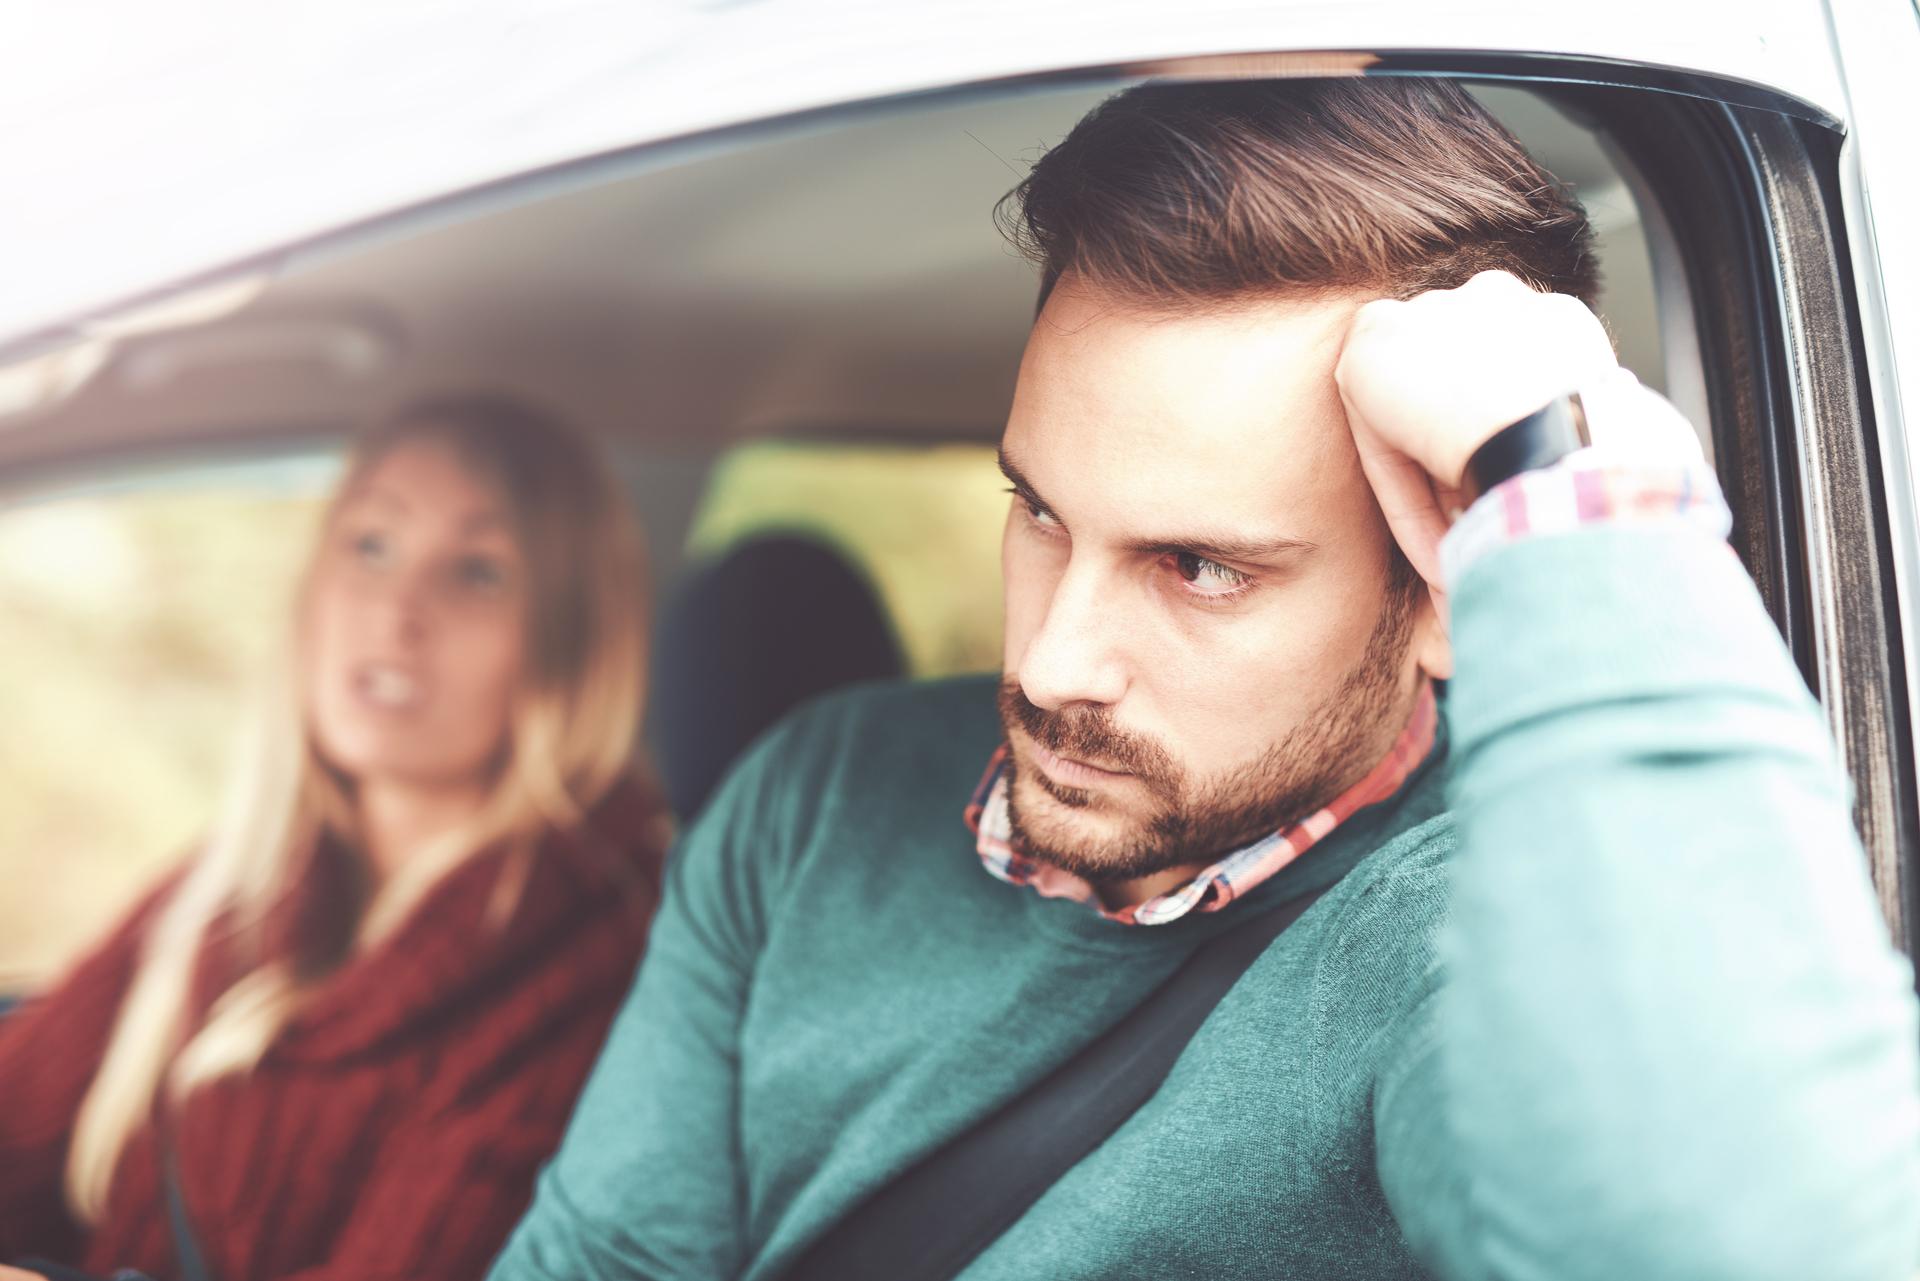 En casa, el hombre o la mujer infiel se vuelve más intolerante por ejemplo a los ruidos o peticiones (Getty Images)